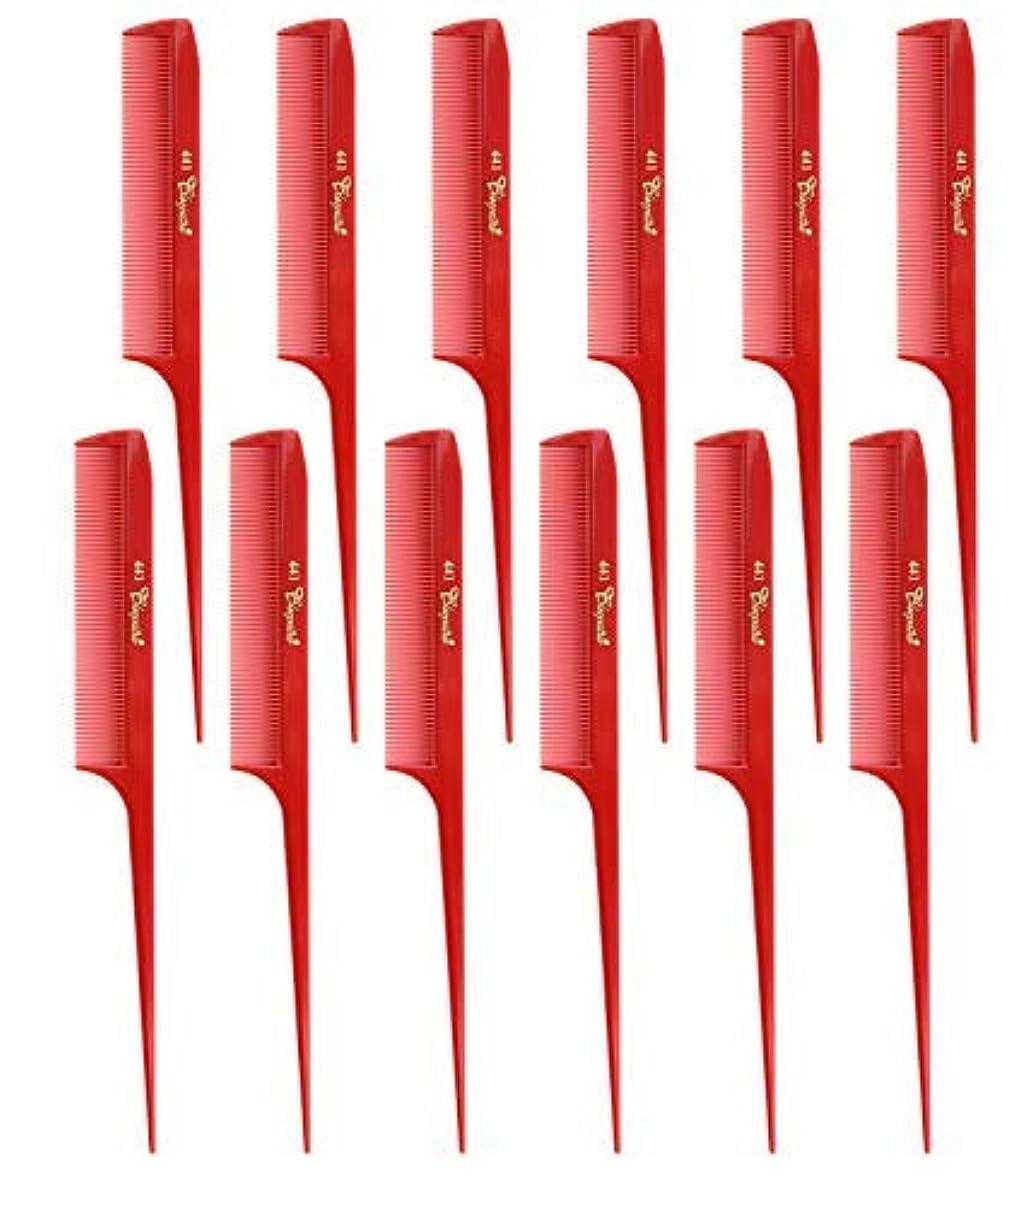 逸脱歩行者ピアースKrest Cleopatra 8-1/2 inch Rattail Combs Extra Fine Tooth. Rat Tail comb Model #441 Color Red. 1 Dozen [並行輸入品]